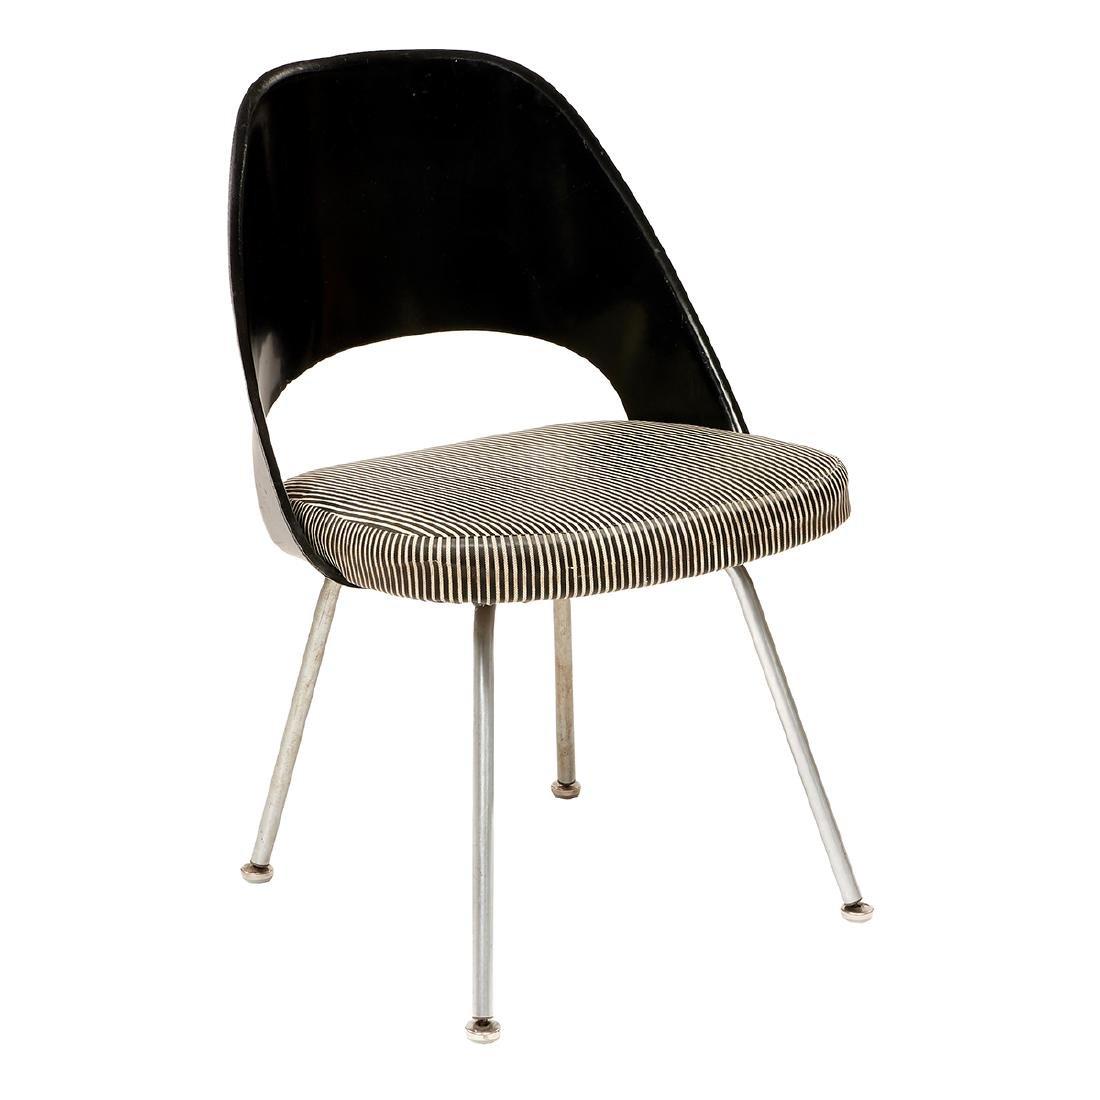 Eero Saarinen For Knoll Associates Executive Chair